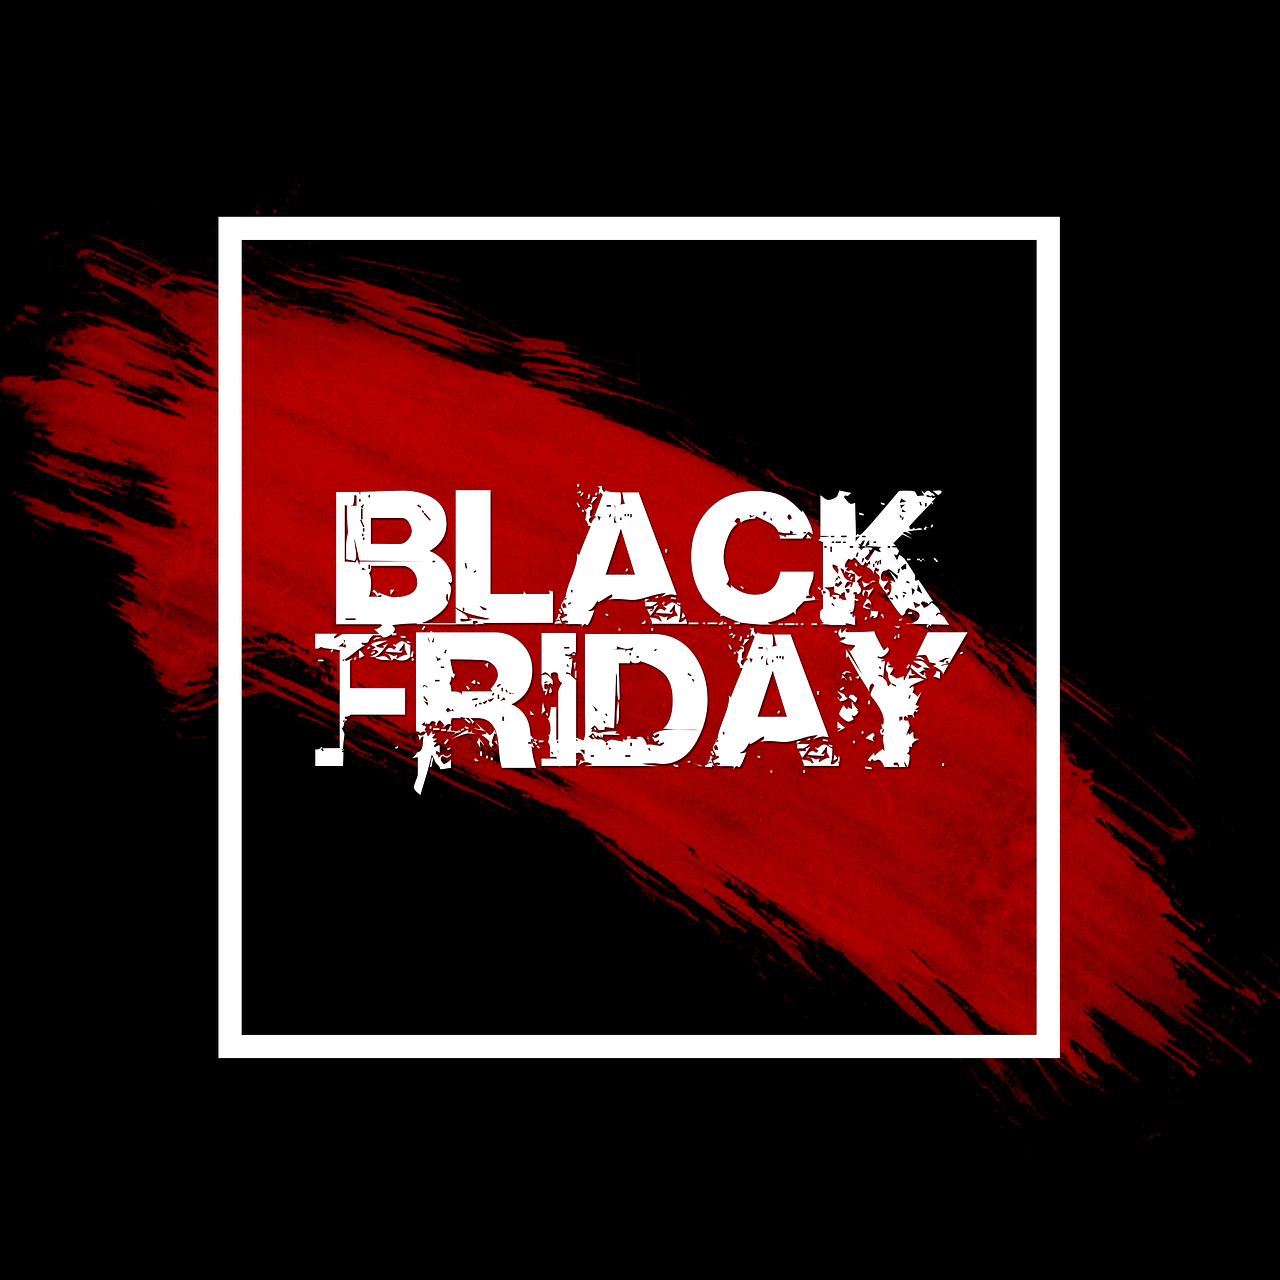 Black Friday 2018: lista sklepów - weekend zniżek 23-26 listopada 2018